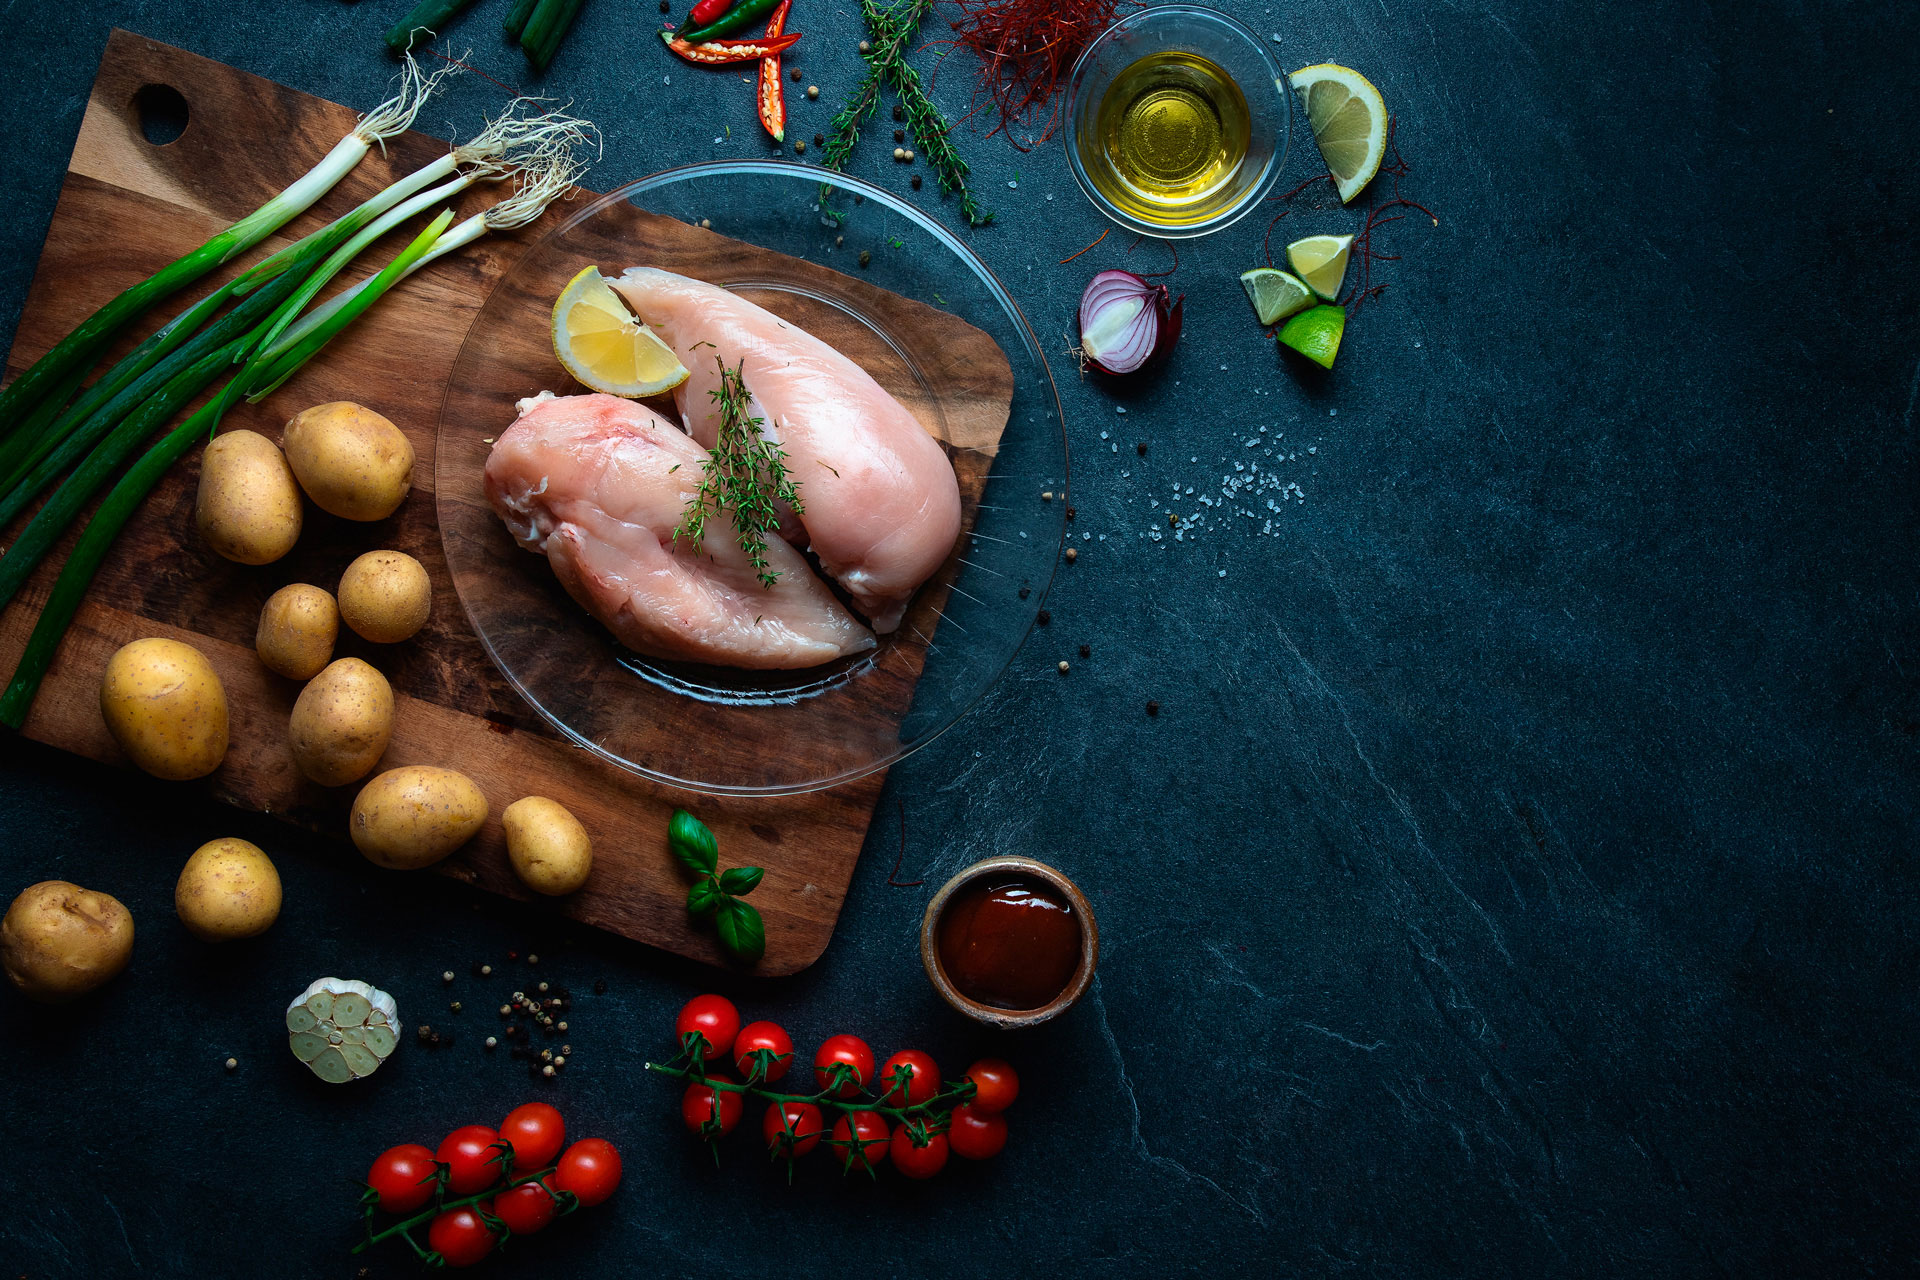 Food-foto-Berlin-masterskaya-052